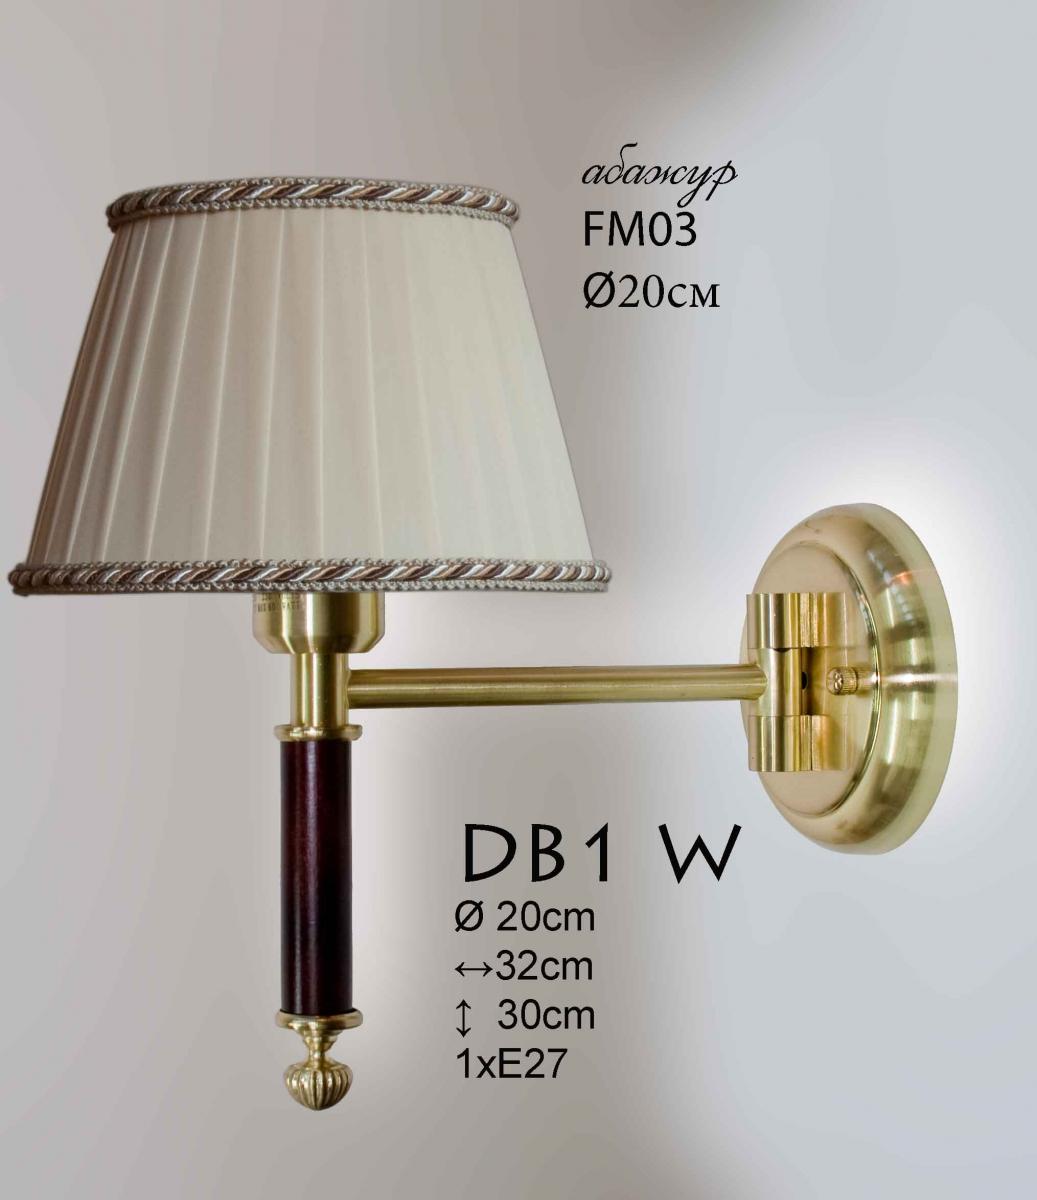 Бра поворотное DB1-W с абажуром плиссе FM